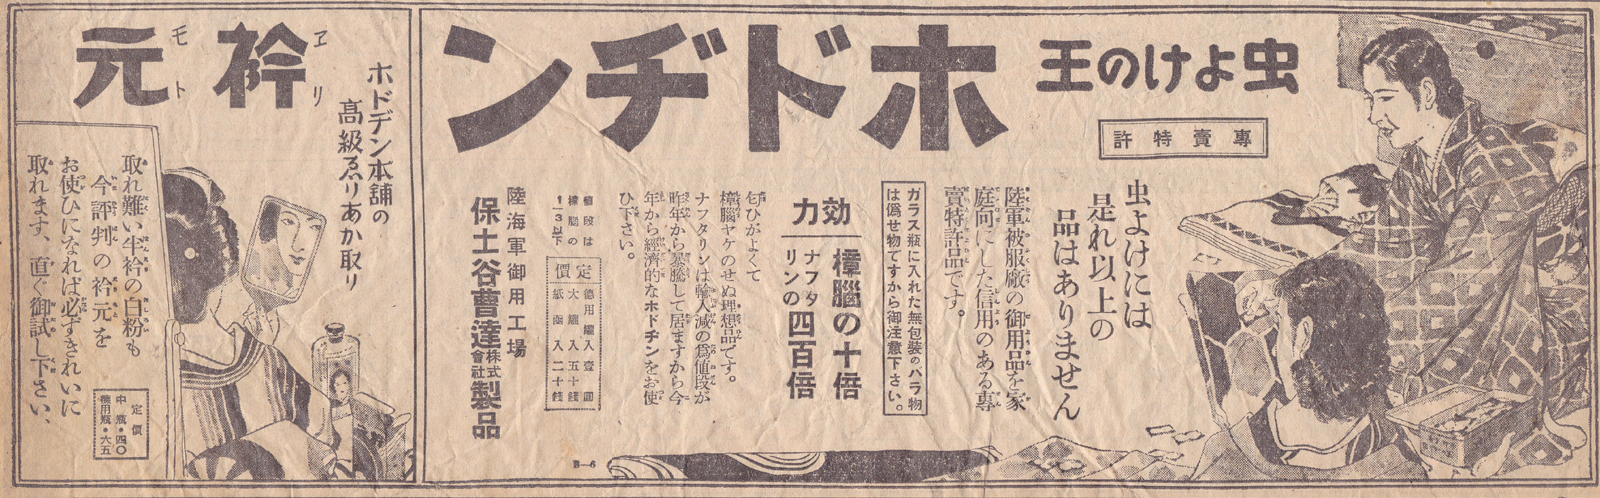 19370821d.jpg